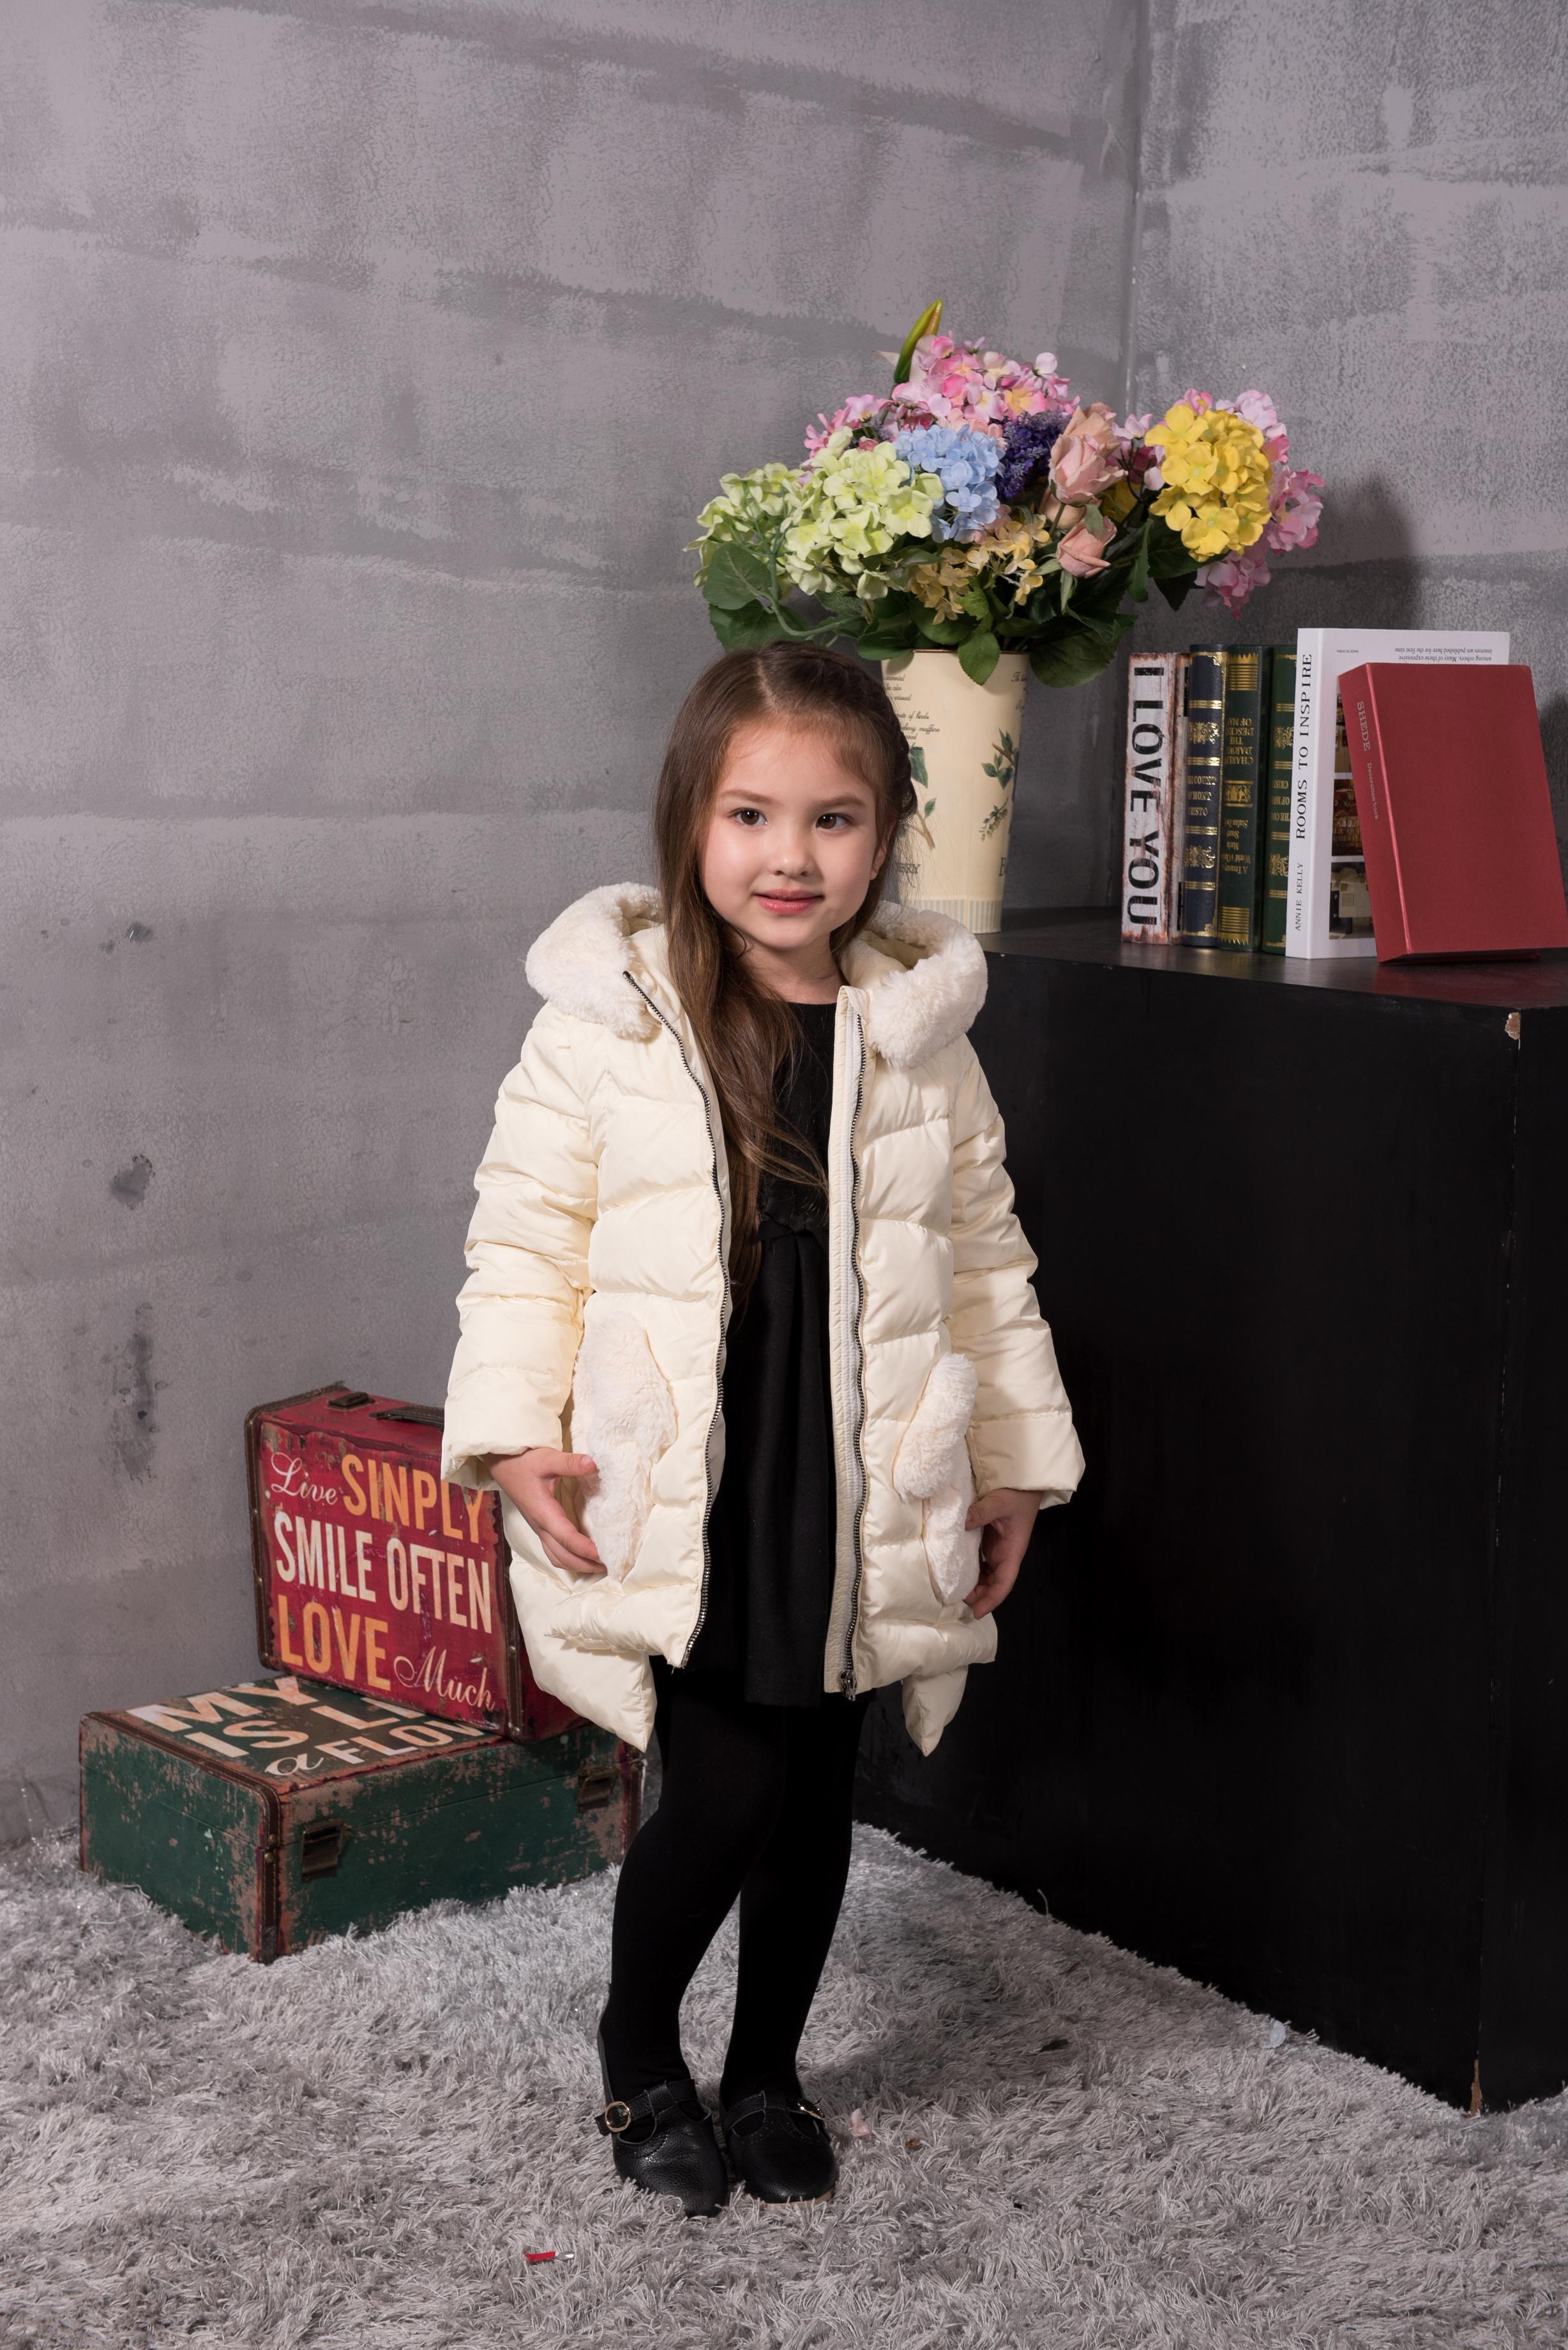 童装羽绒外套--白色 广州女式童装羽绒外套厂家 广州童装羽绒外套厂家直销 广州女式白色童装羽绒外套